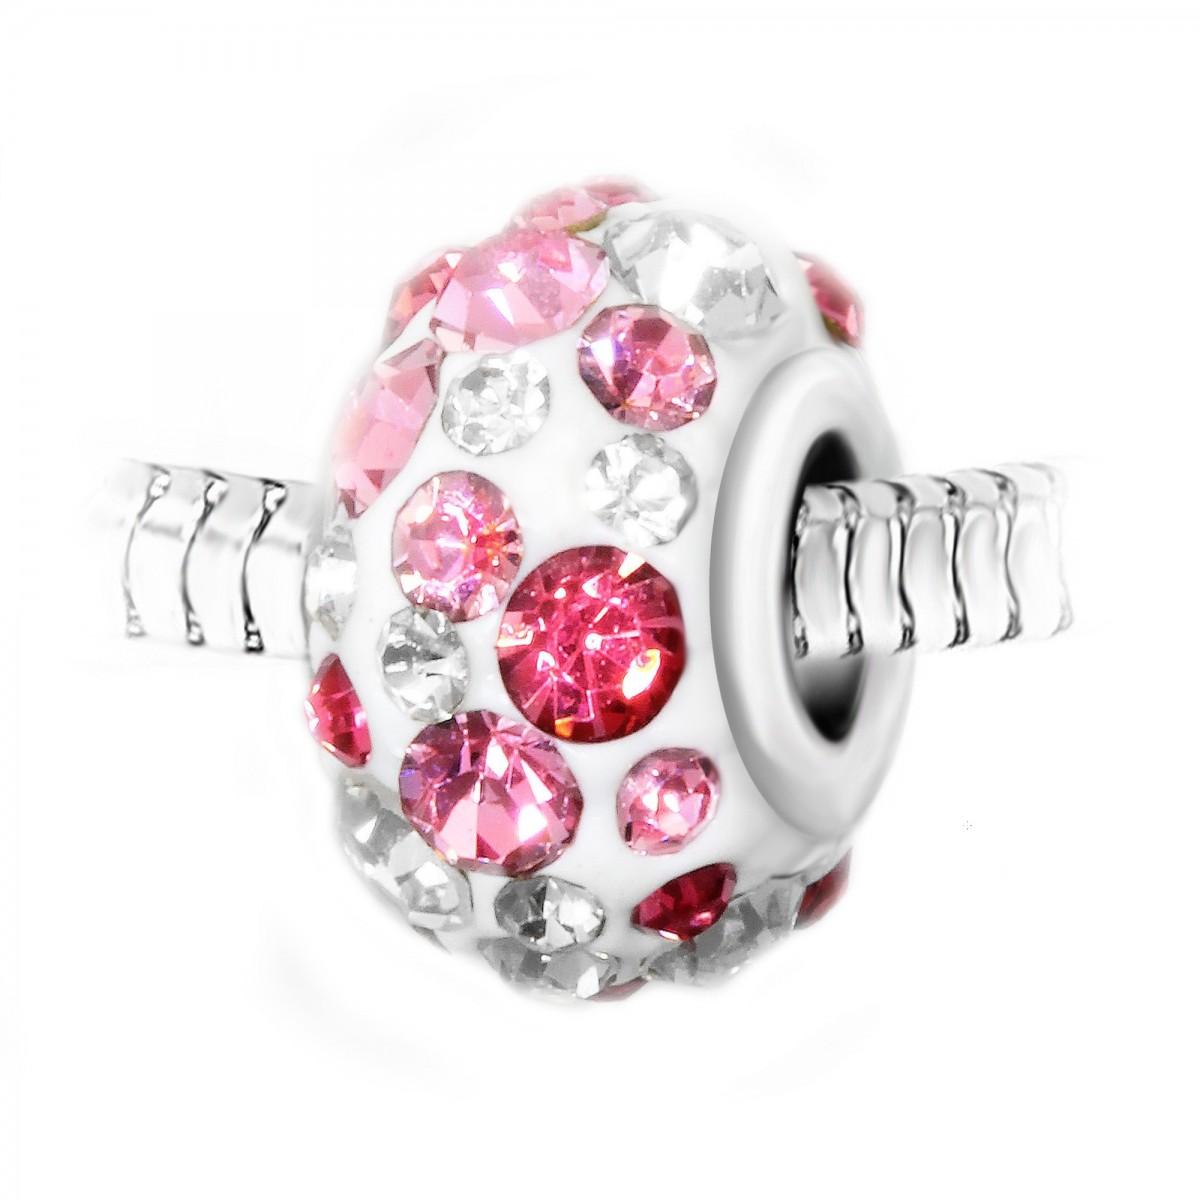 BEA0111 Charm perle blanc pavé de cristaux roses et blancs et acier par So Charm